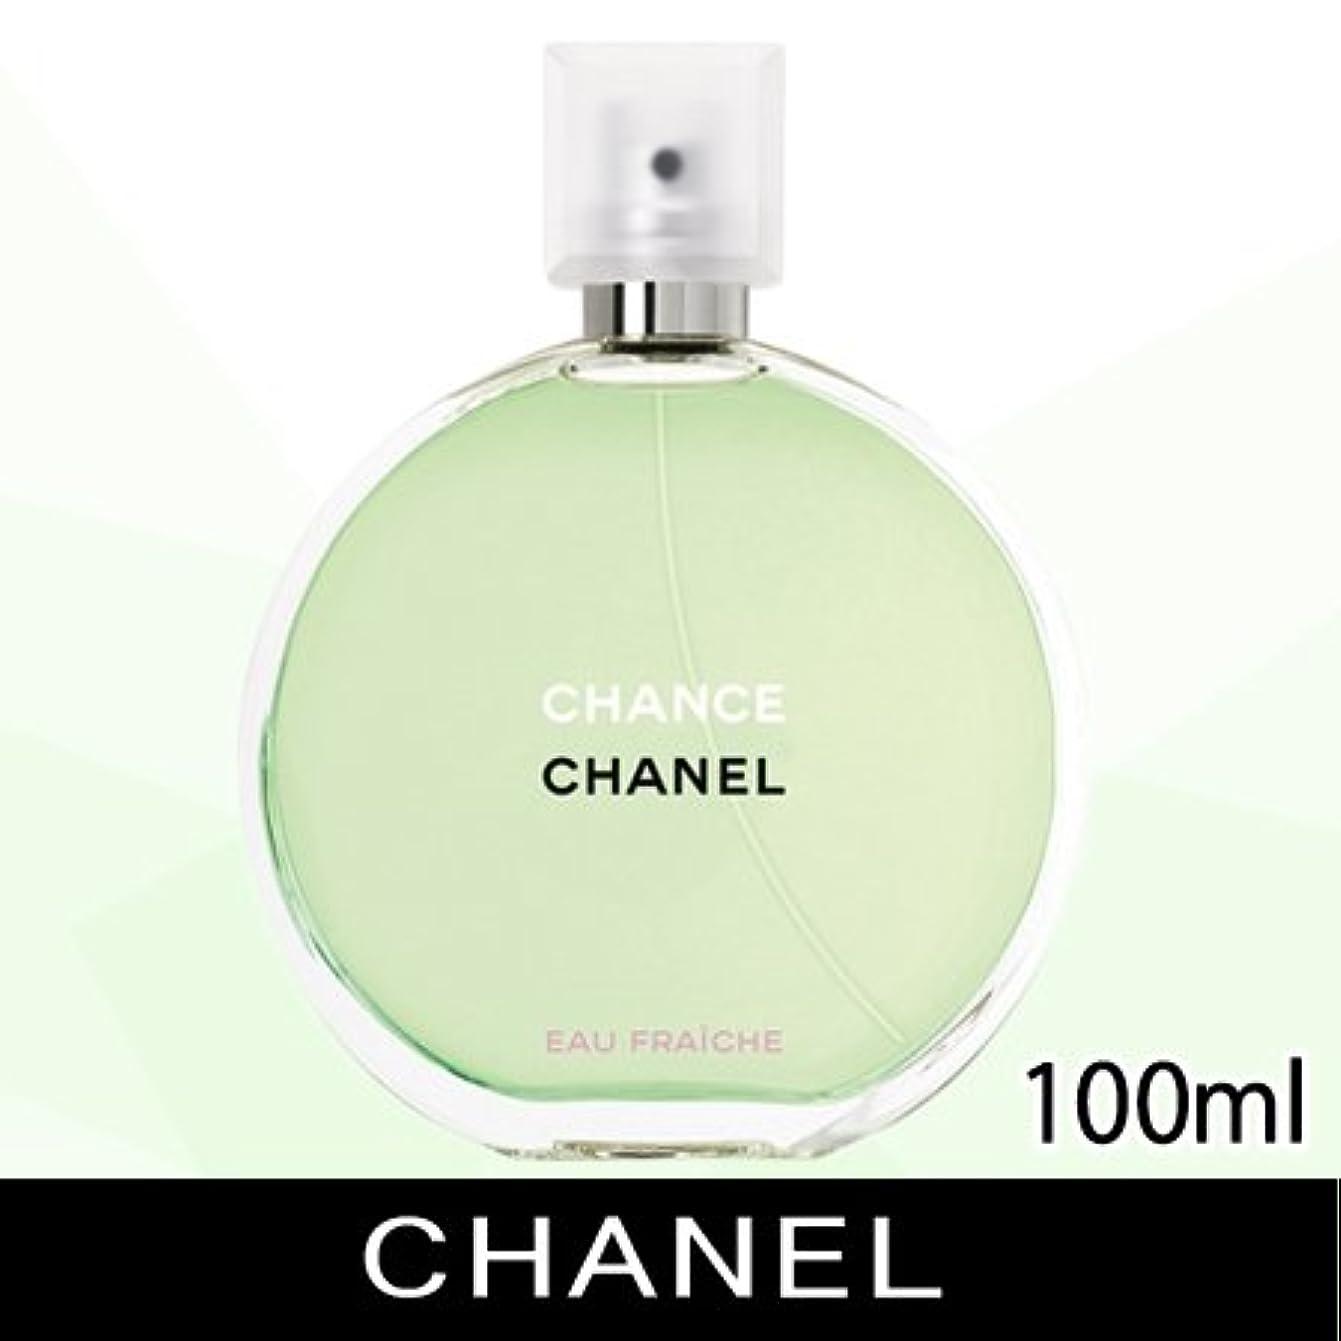 シャワー適度にトロリーバスシャネル CHANEL チャンス オー フレッシュ EDT SP 100ml